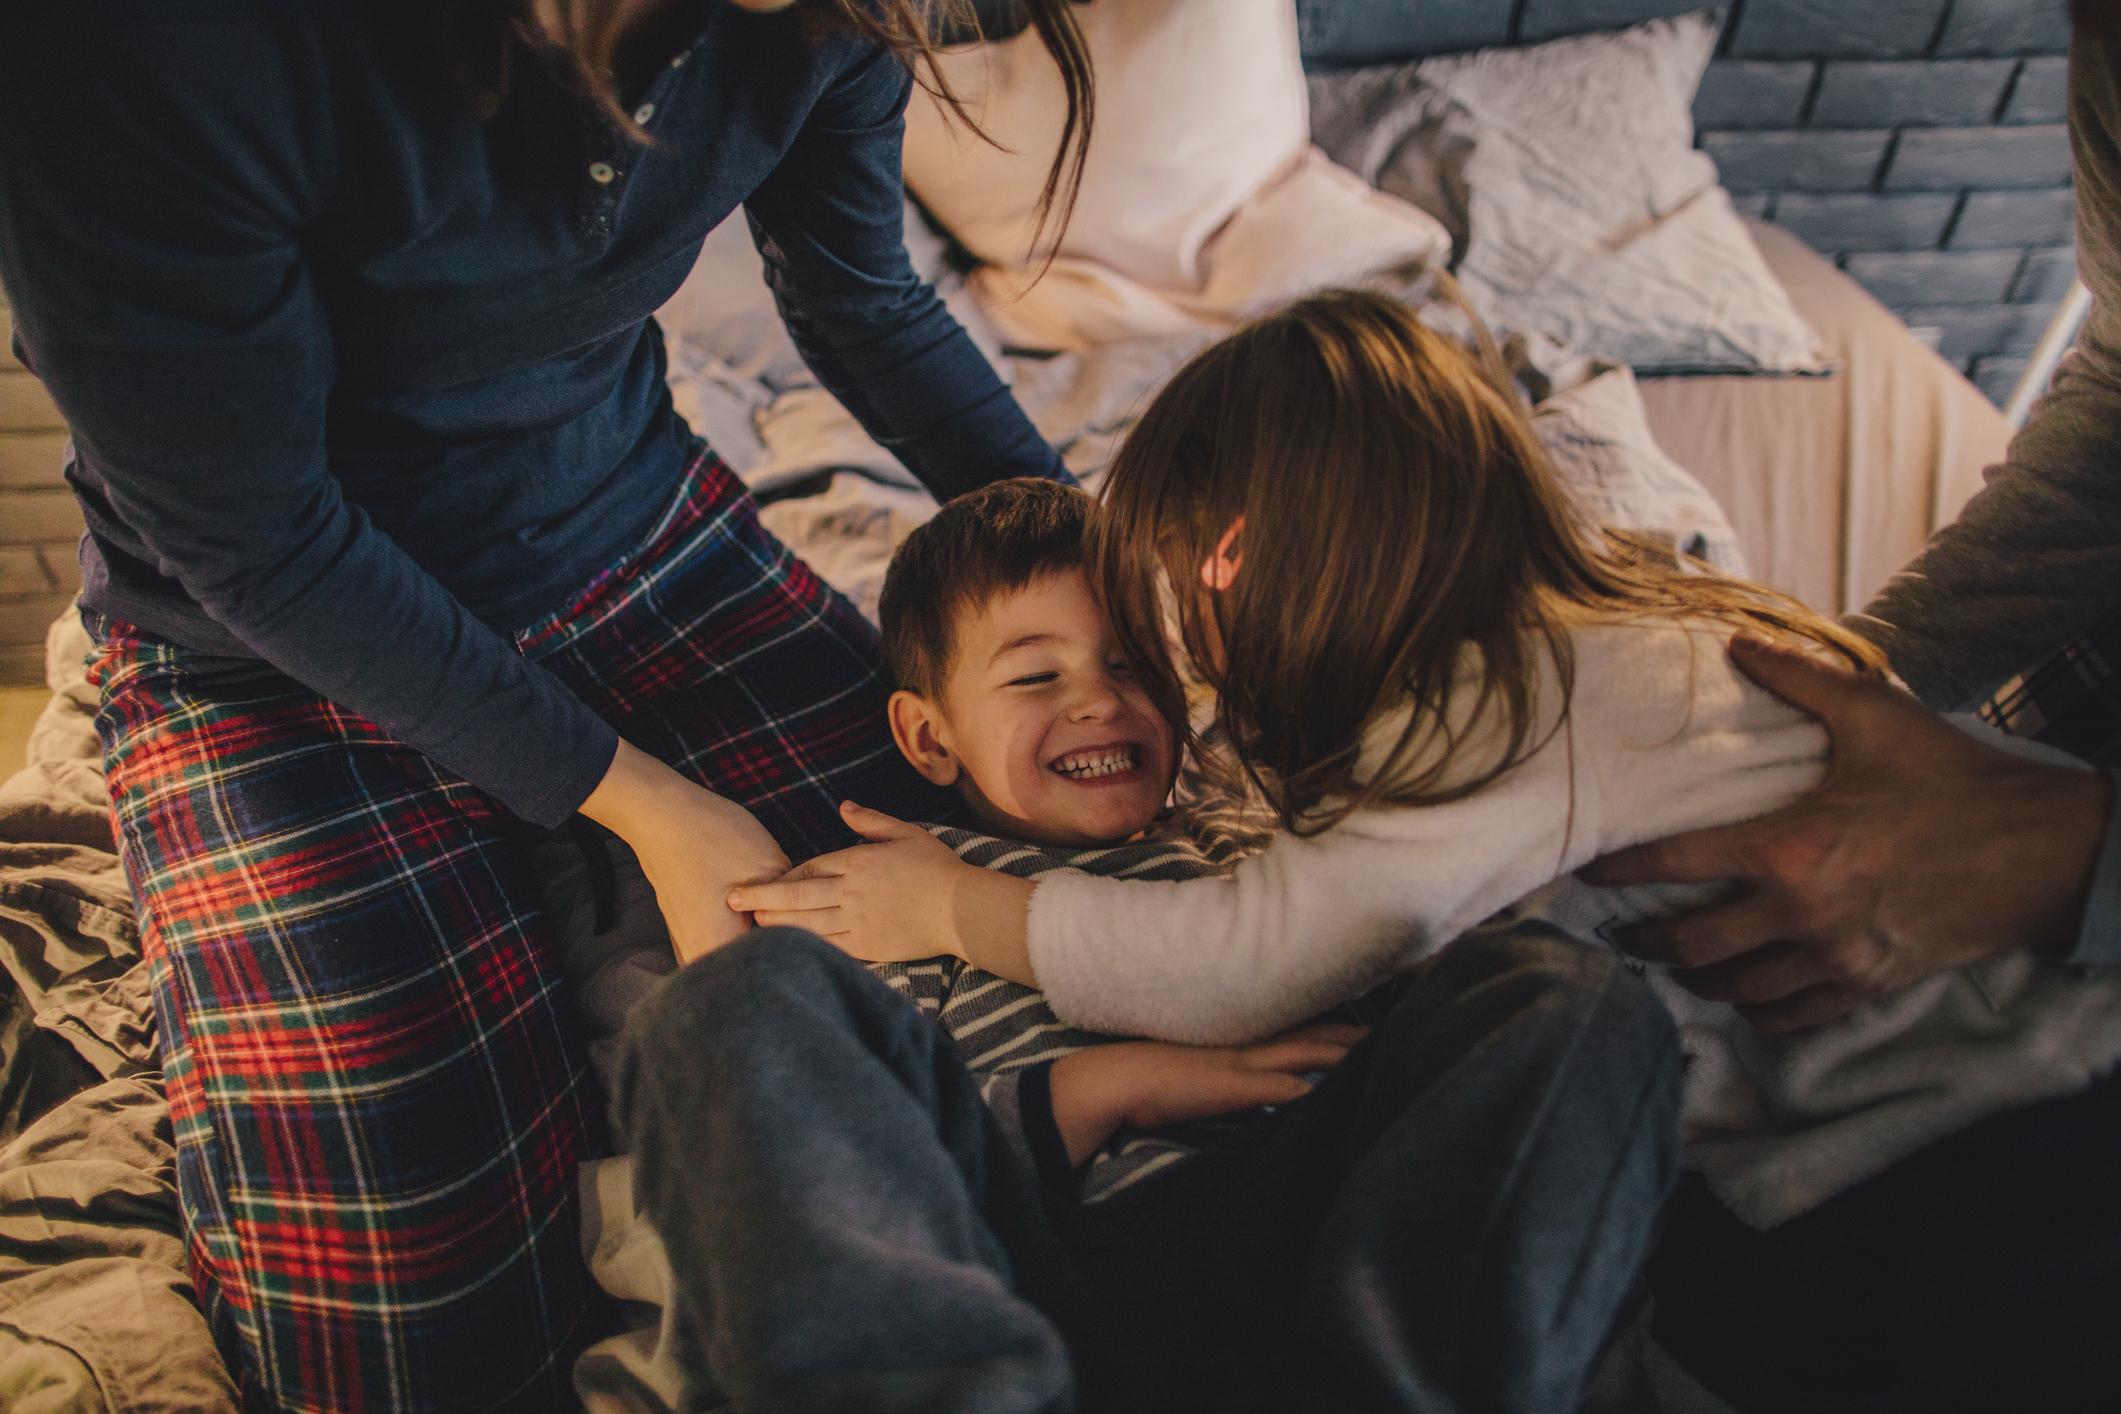 Roditelji kroz upoznavanje djetetova temperamenta mogu naučiti kako ono izražava svoje interese, želje i osjećaje.